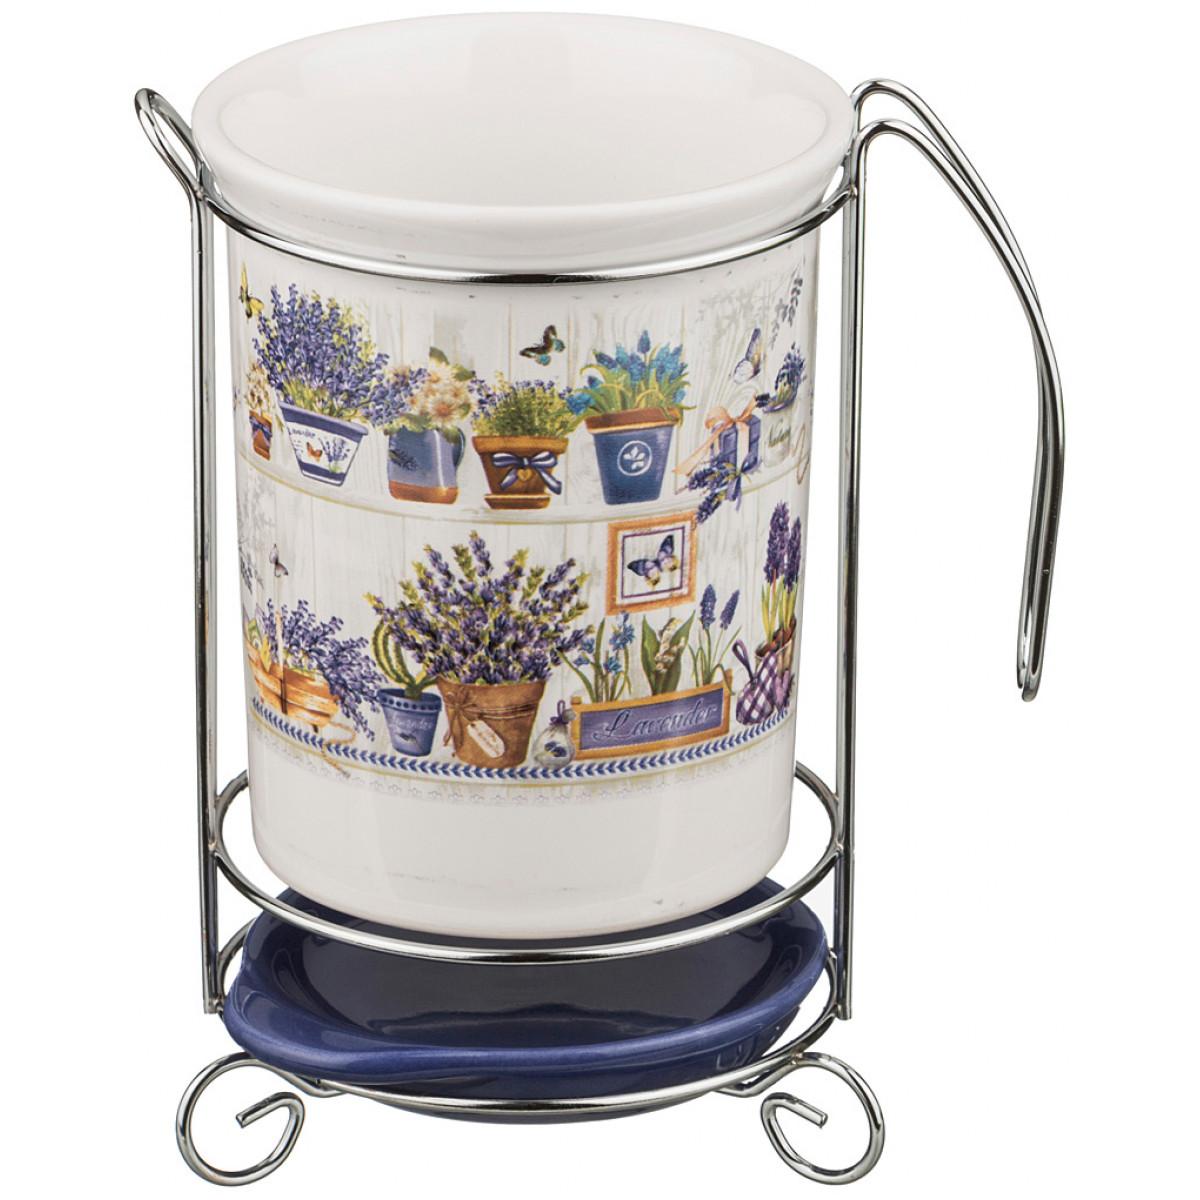 {} Agness Подставка для кухни Kennard  (11х11х16 см) подставка terracotta дерево жизни д кухонных инструм керамика